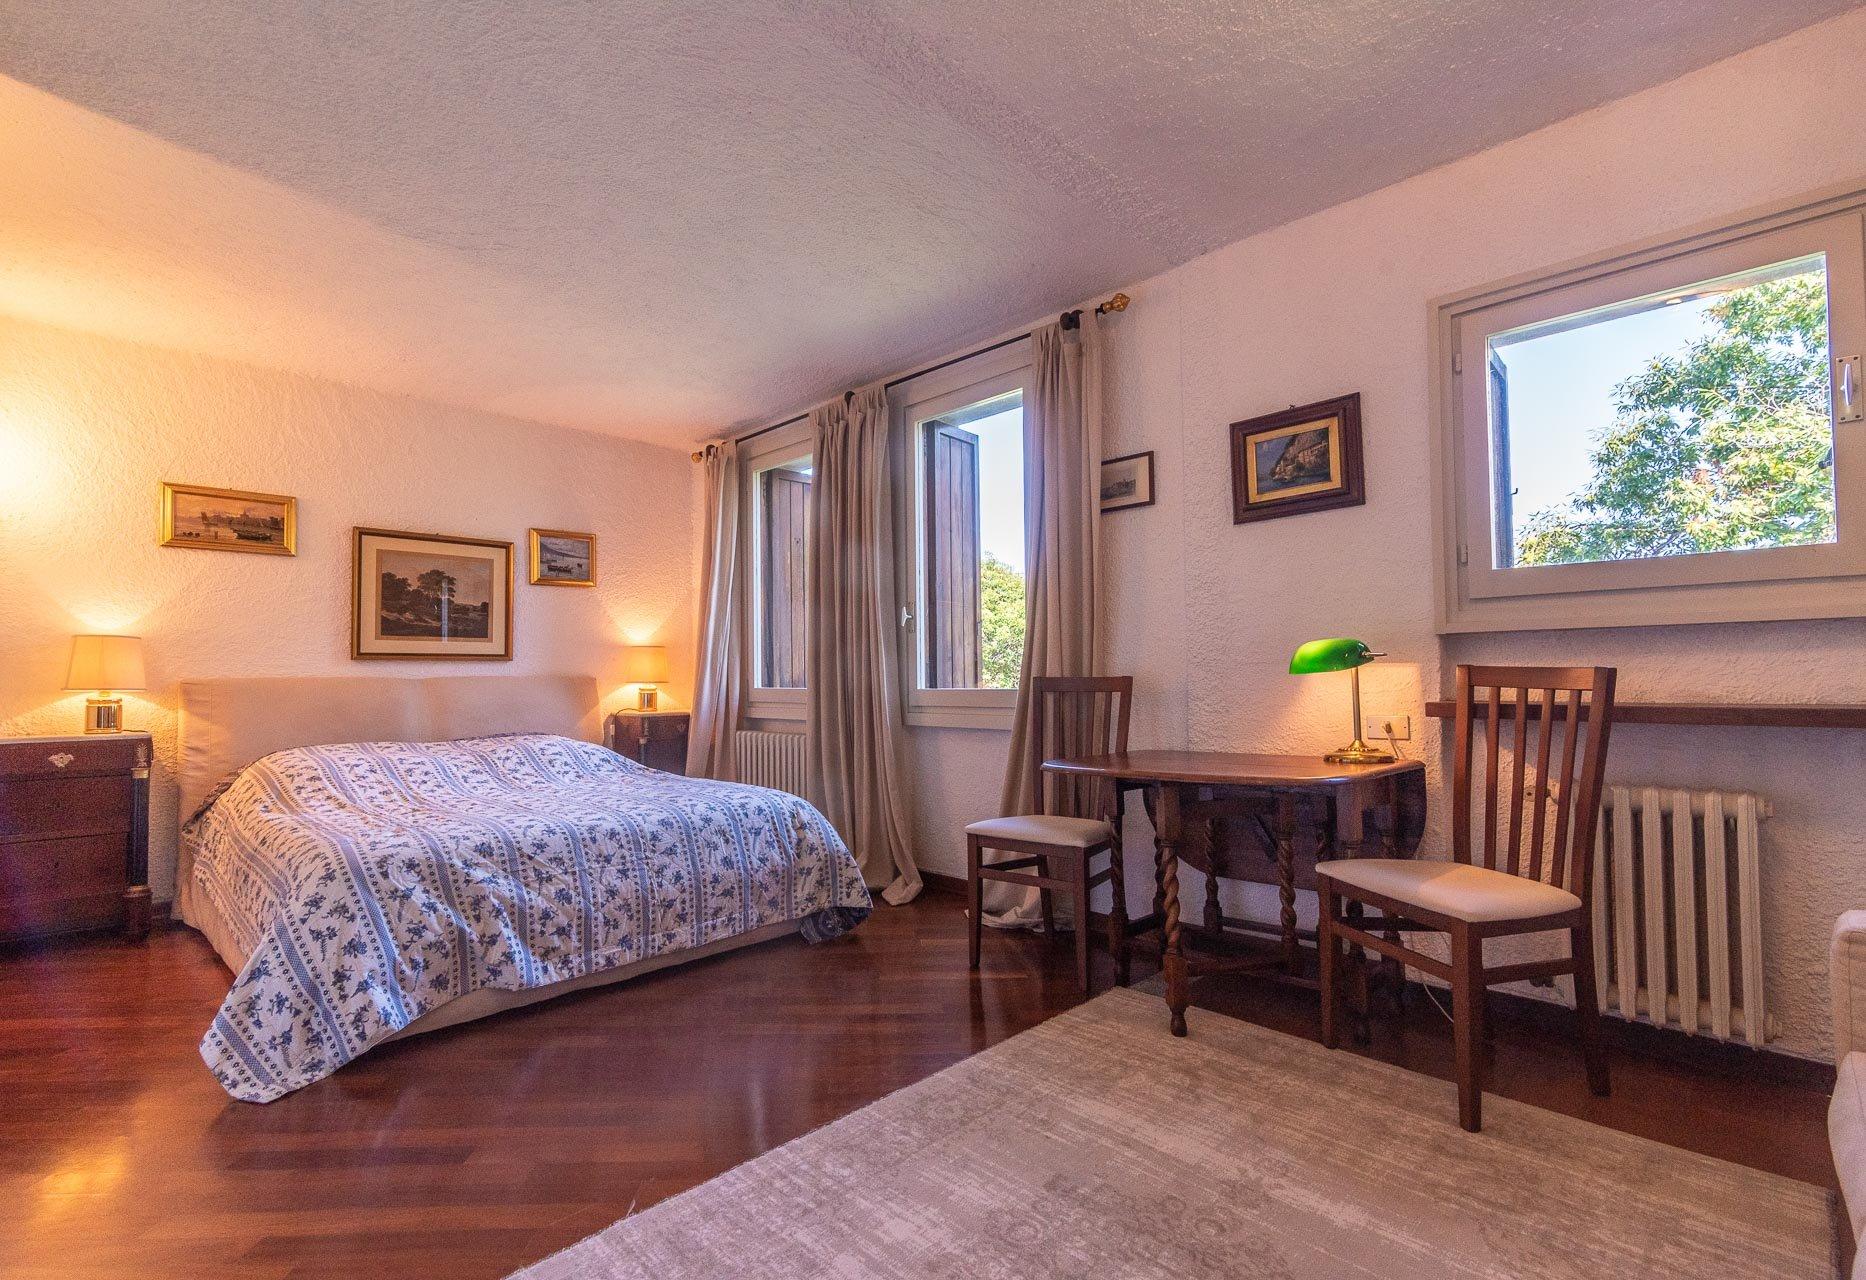 Villa con piscina in vendita a Gignese - camera da letto padronale